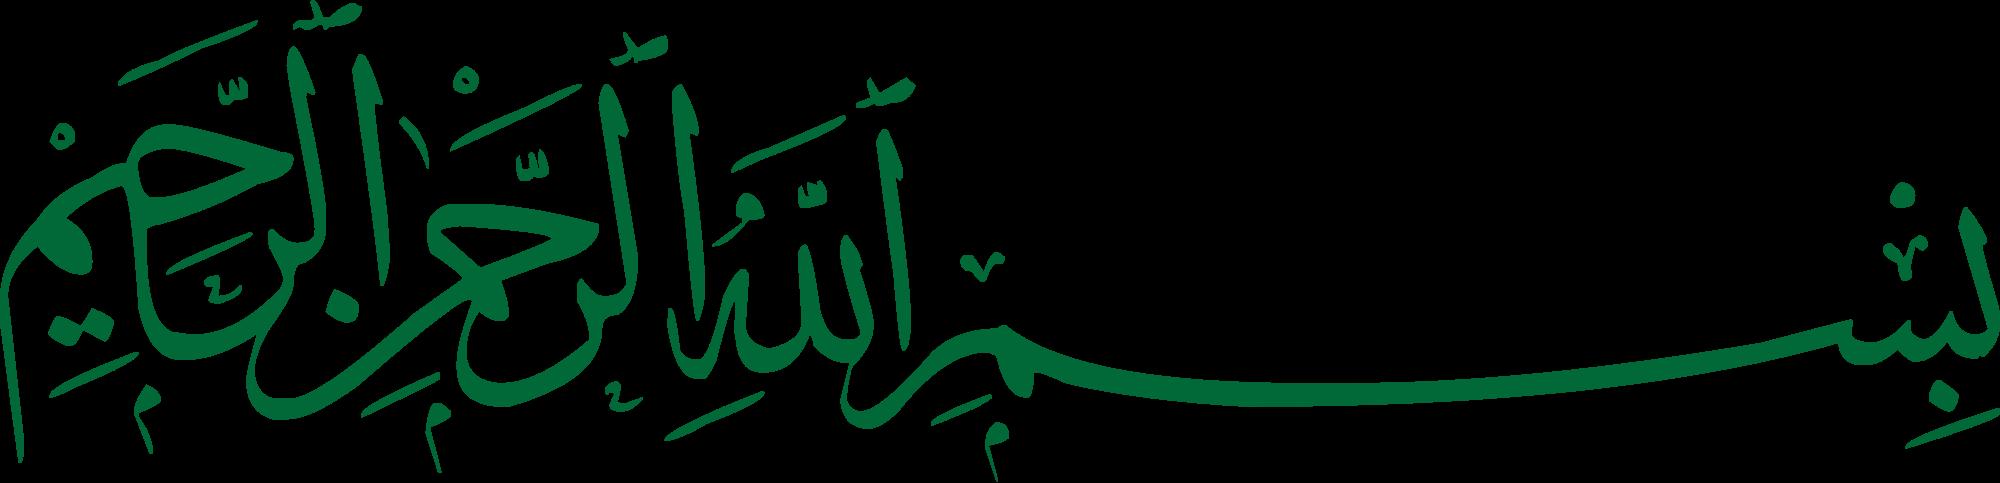 Klavyede Arapca Bismillahirrahmanirrahim Yazisi Isareti Simgesi Sembolu Nasil Yapilir Arabic Keyboard